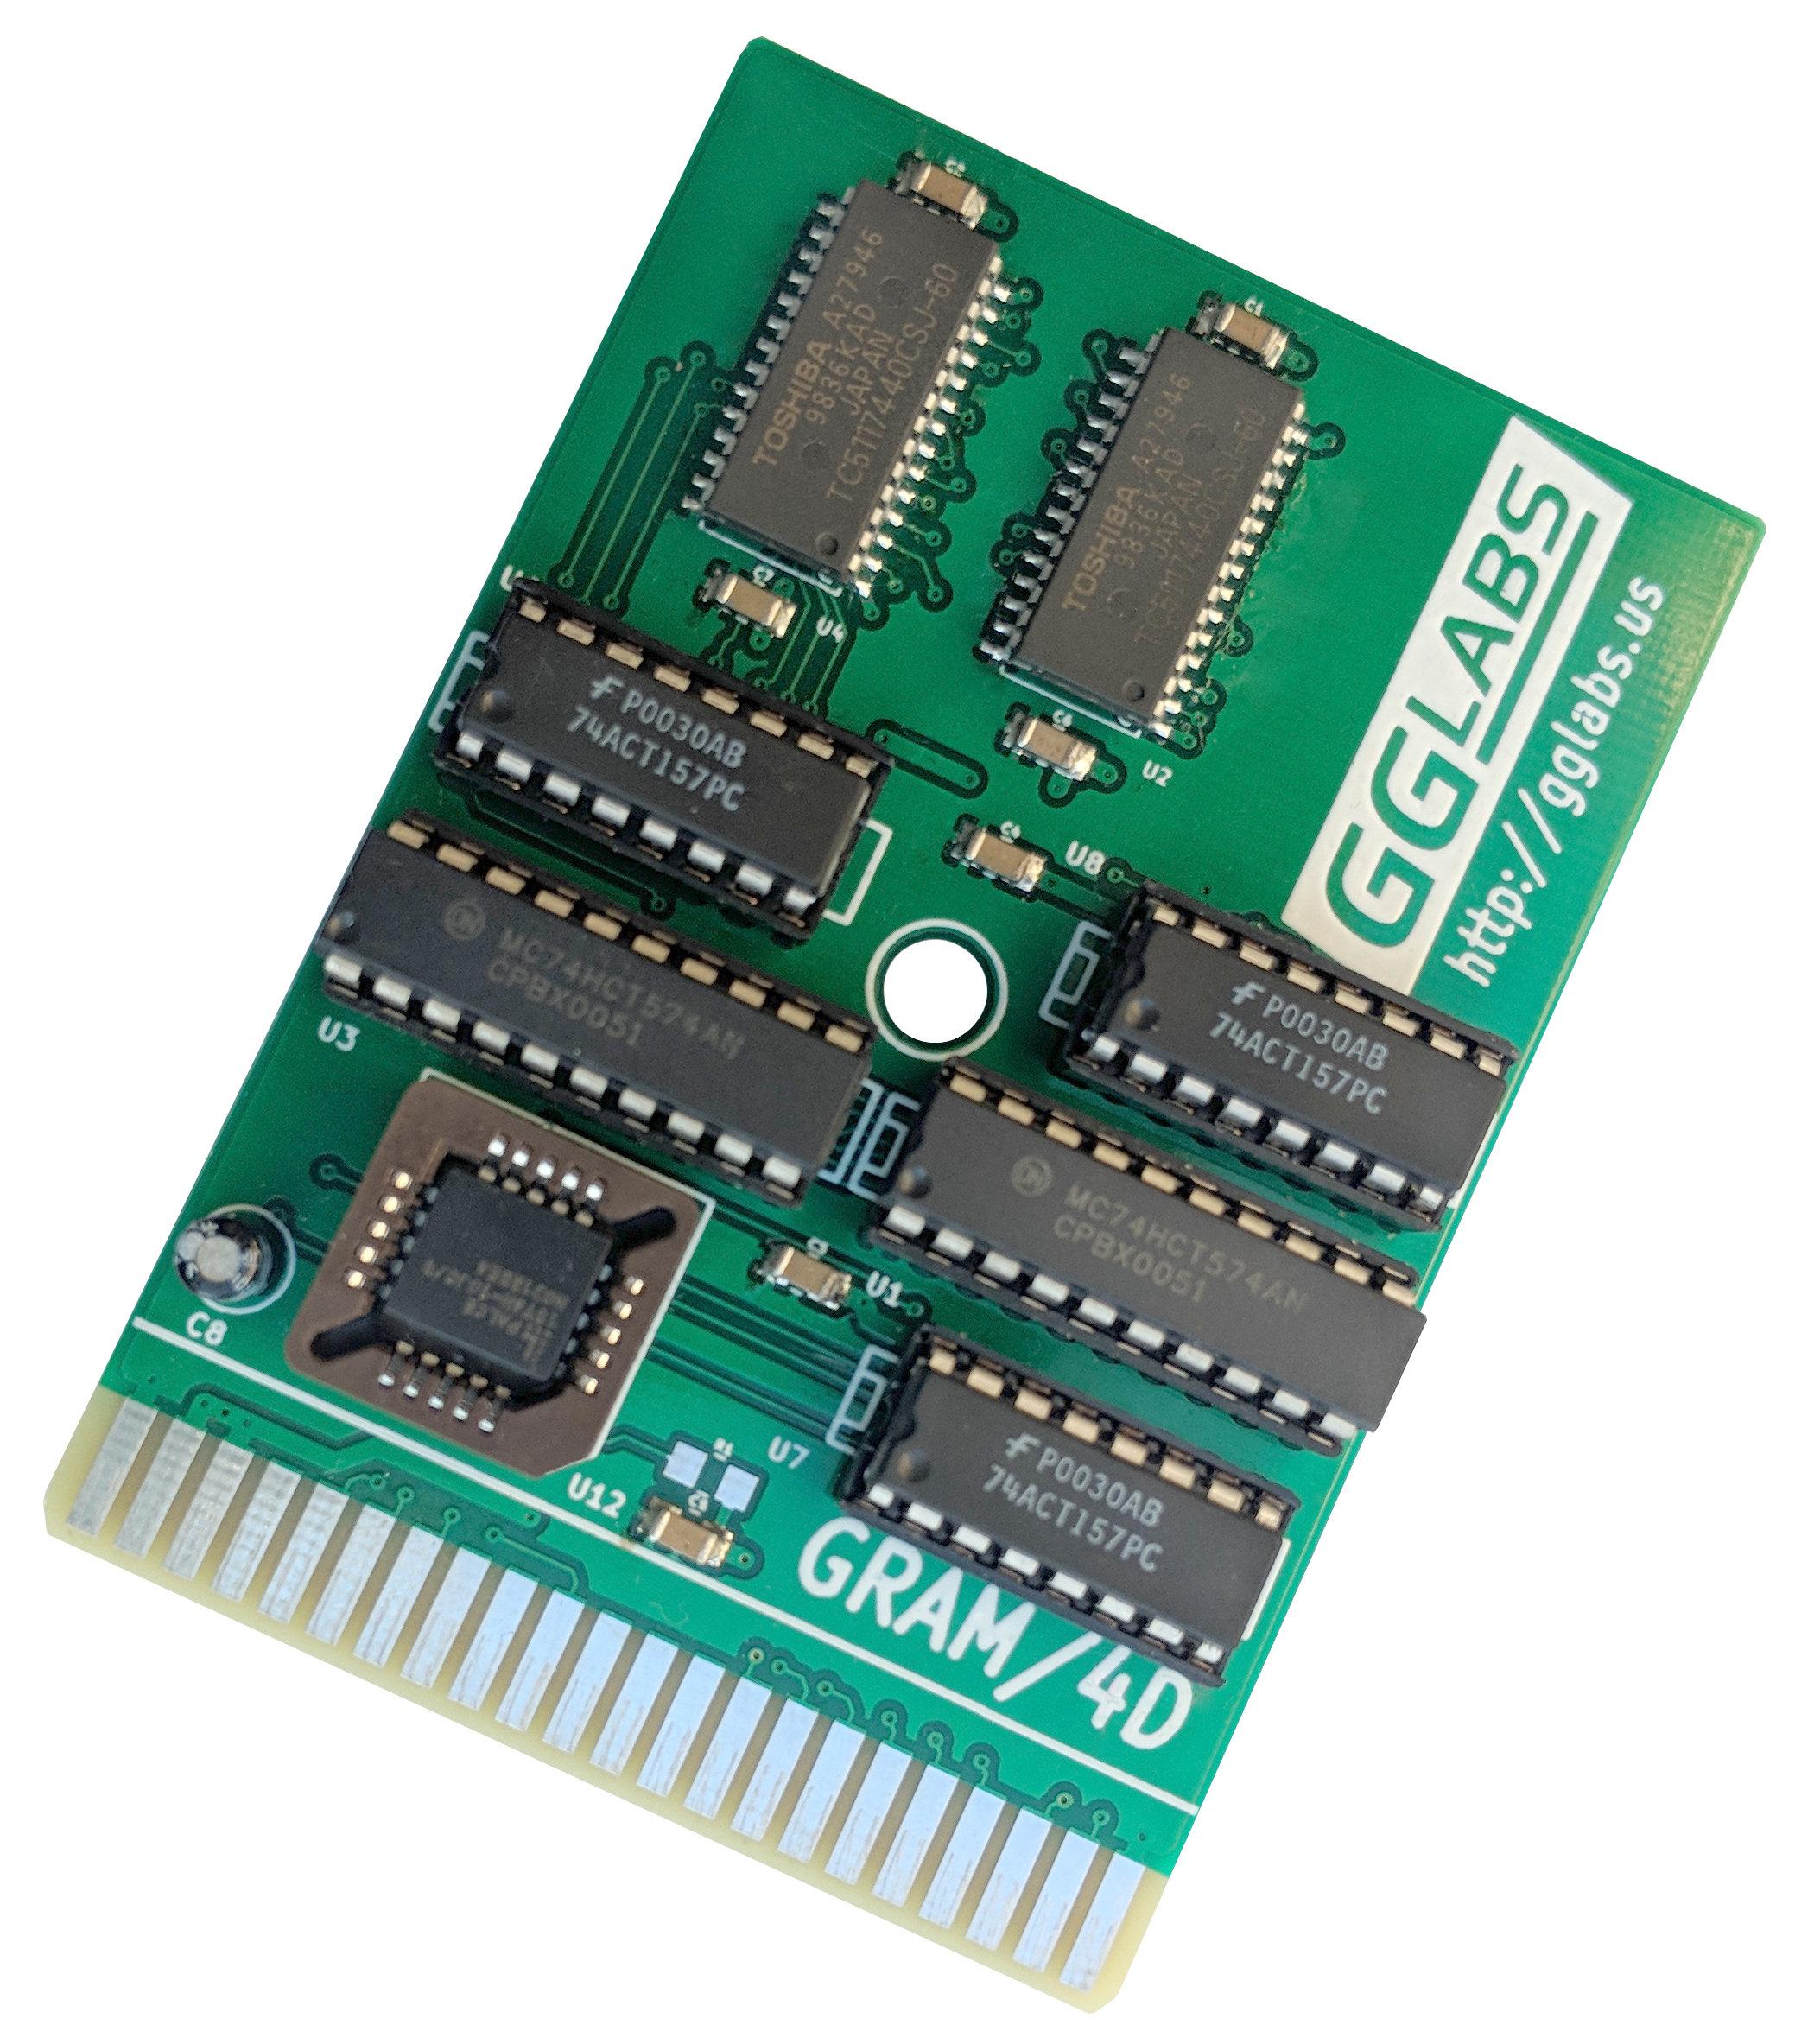 C64 | gglabs us